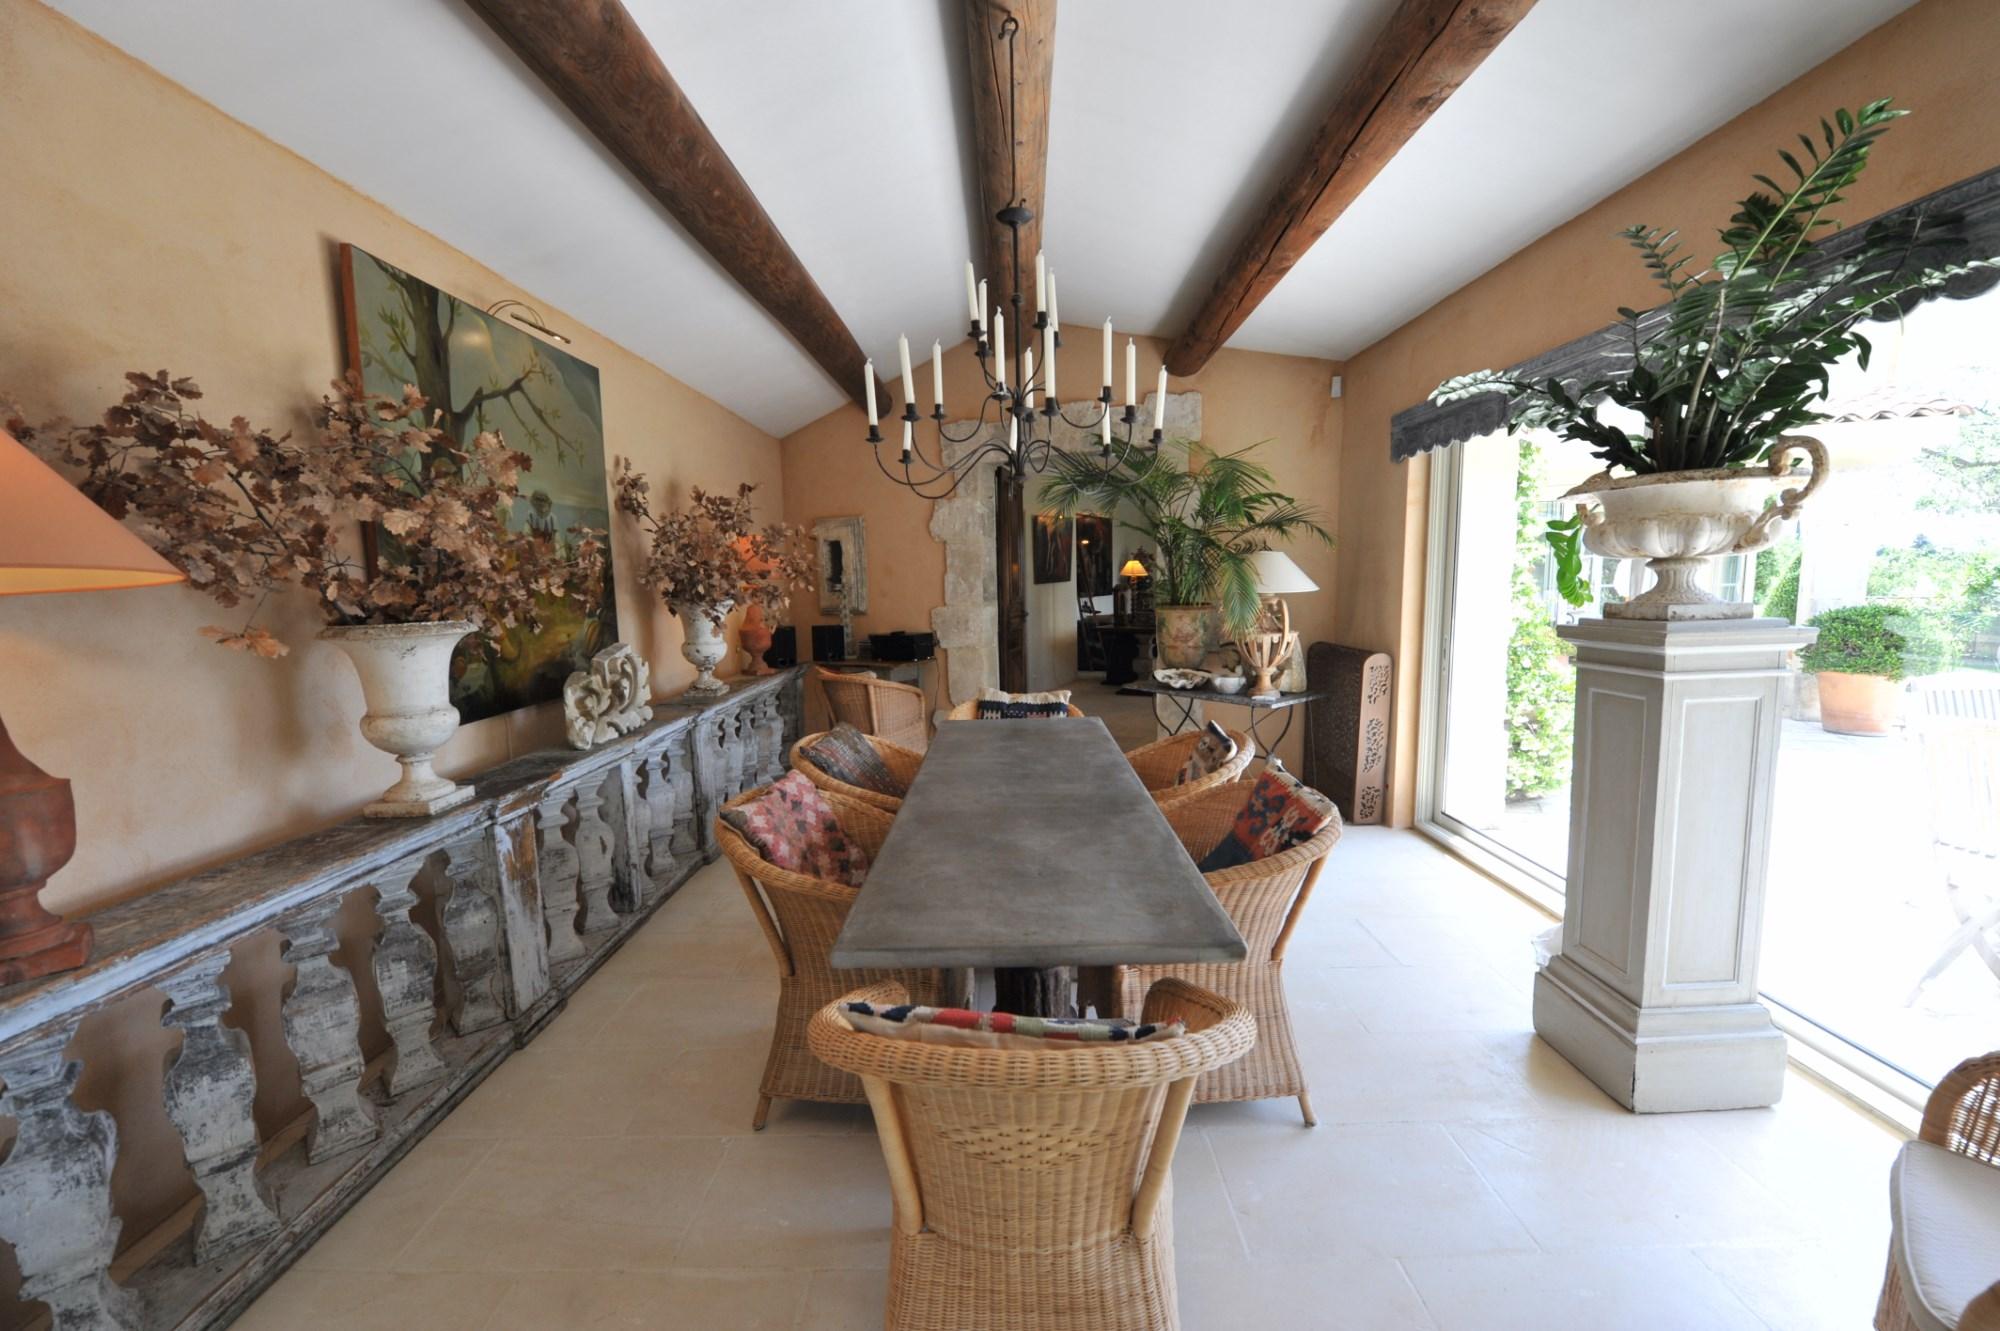 Maison de charme à vendre à l'orée du village de Gordes en Luberon